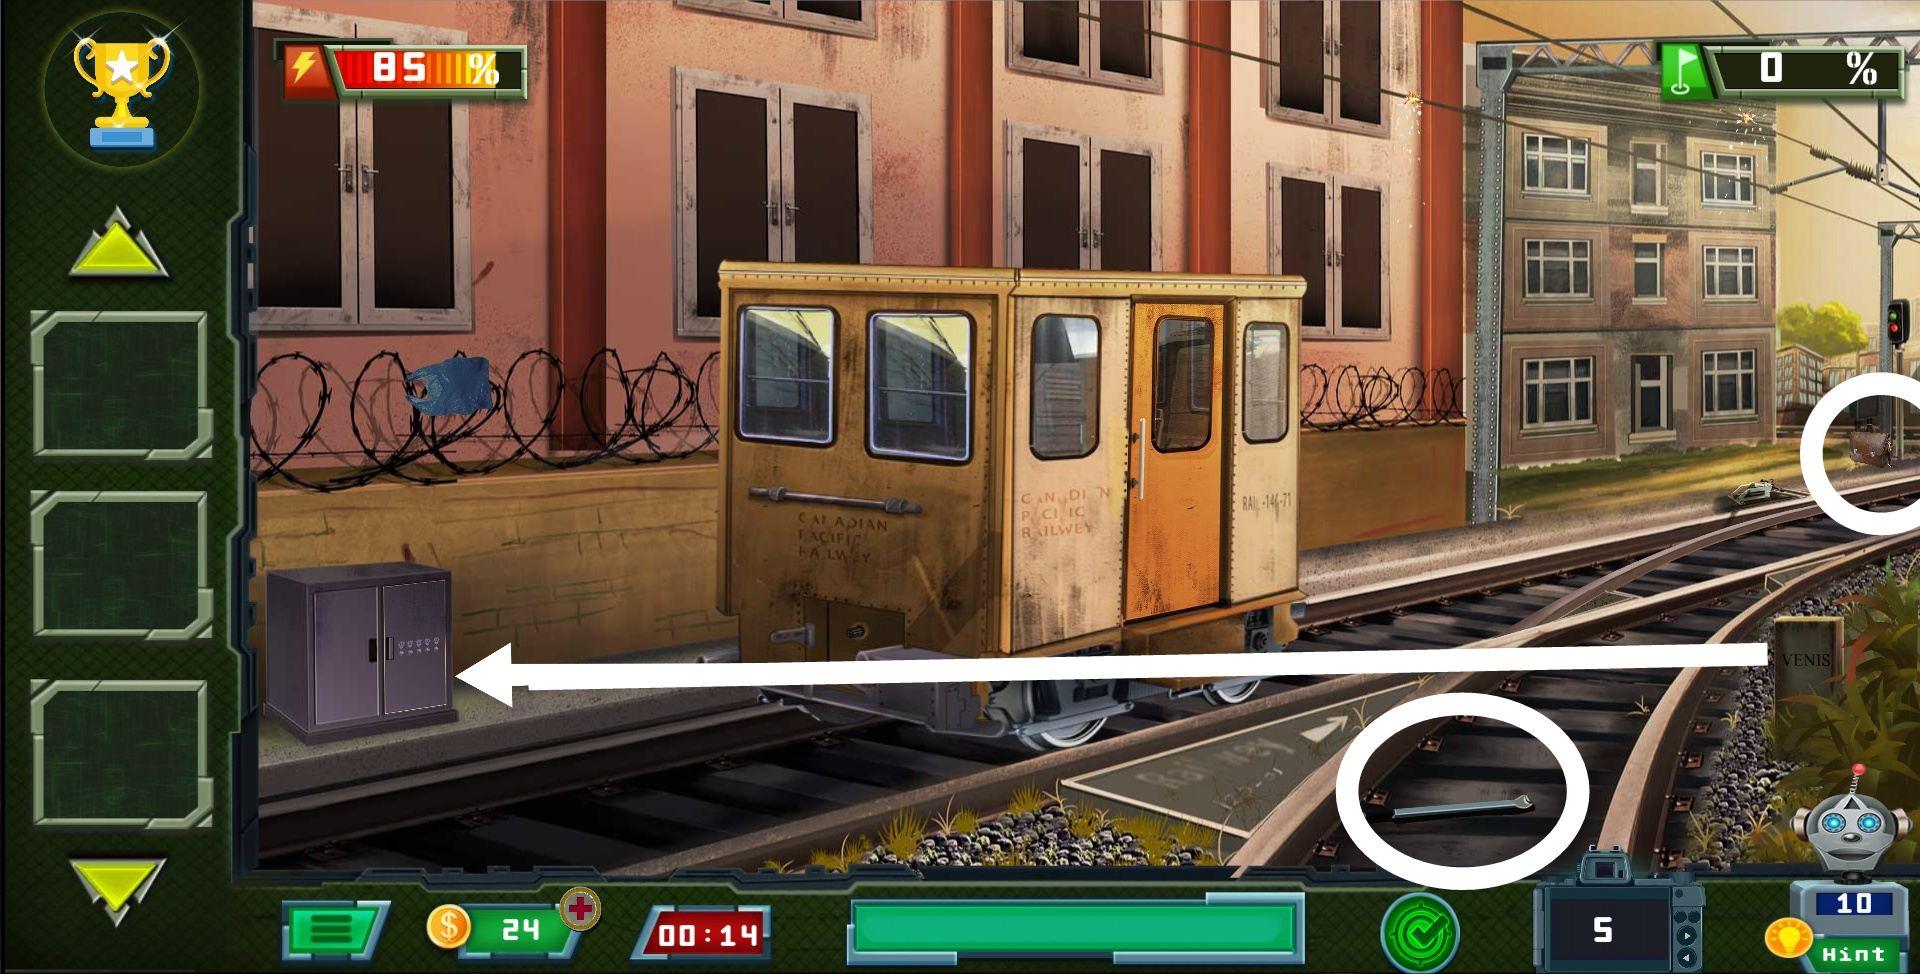 Survival 2-Pandemic Warrior(Скрытая тайна - Пандемический воин) 3 уровень